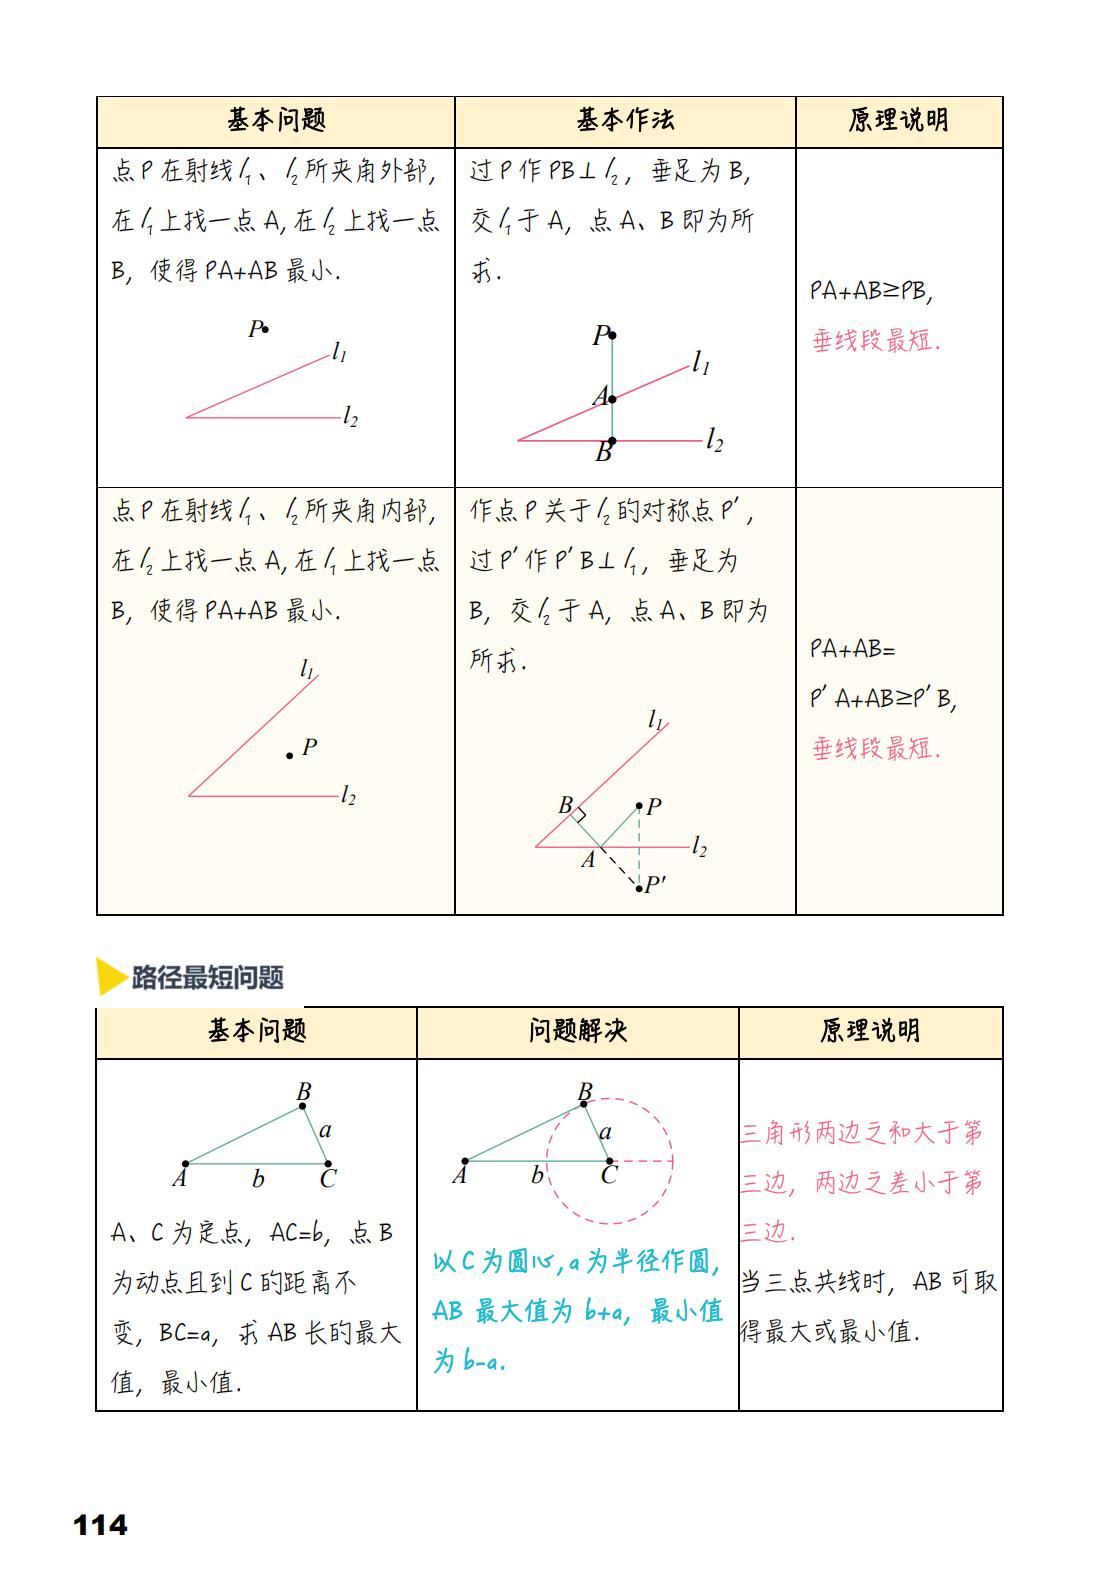 2019初中知识手册-数学_114.png